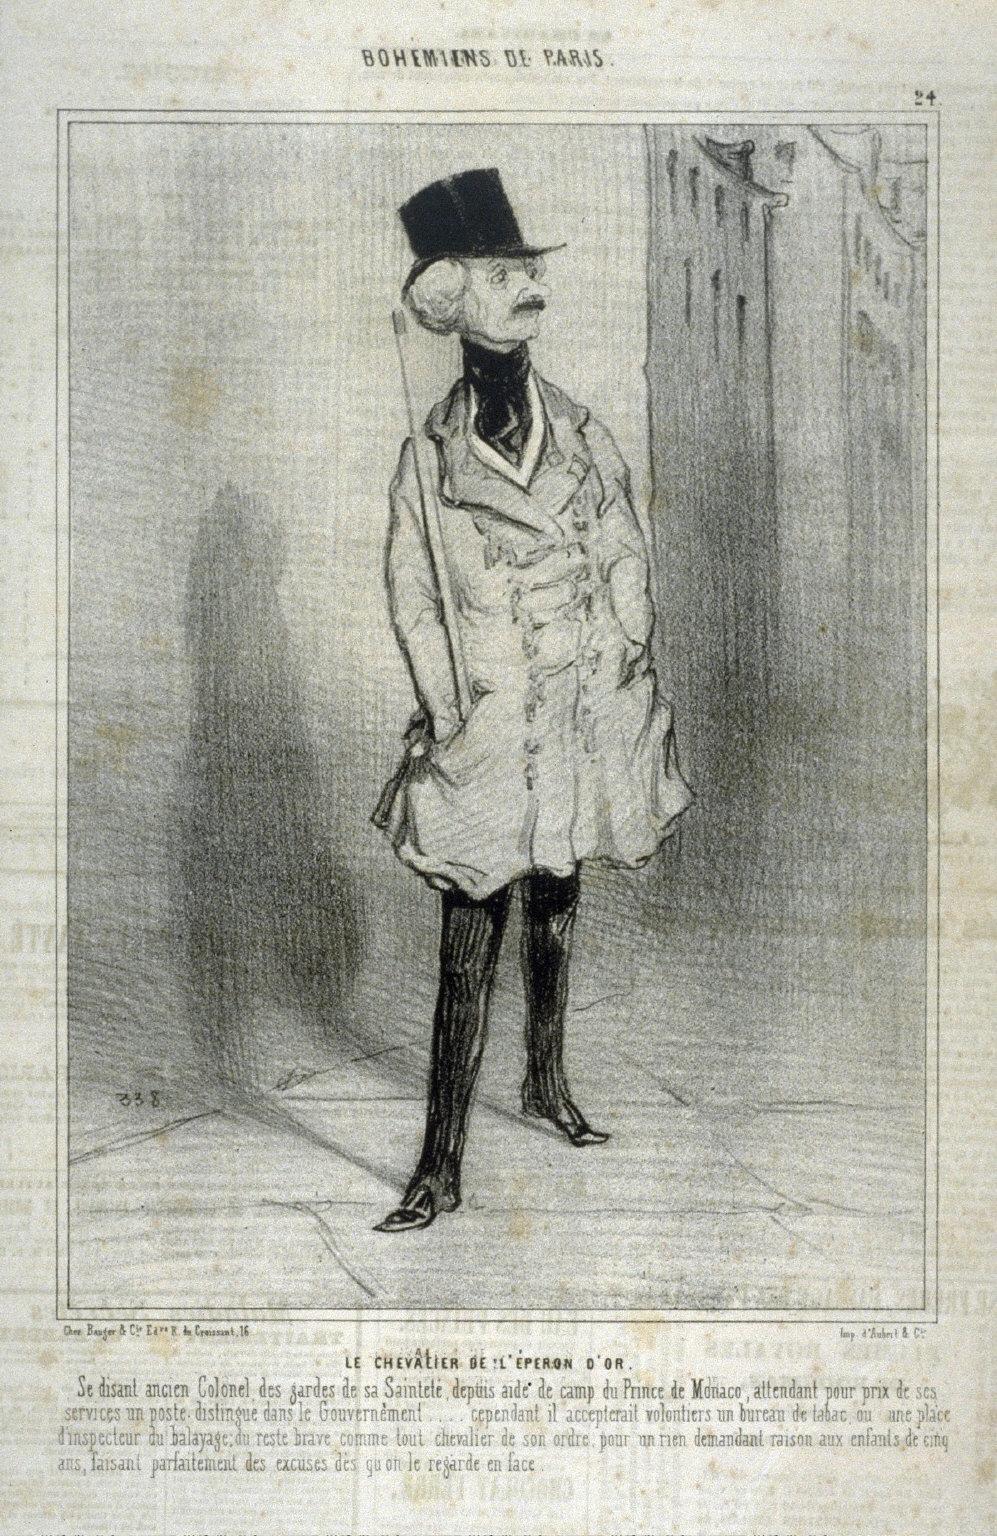 LE CHEVALIER DE LÉPERON DOR, no. 24 from the series BOH?MIENS DE PARIS, published in Le Charivari 27 February 1842